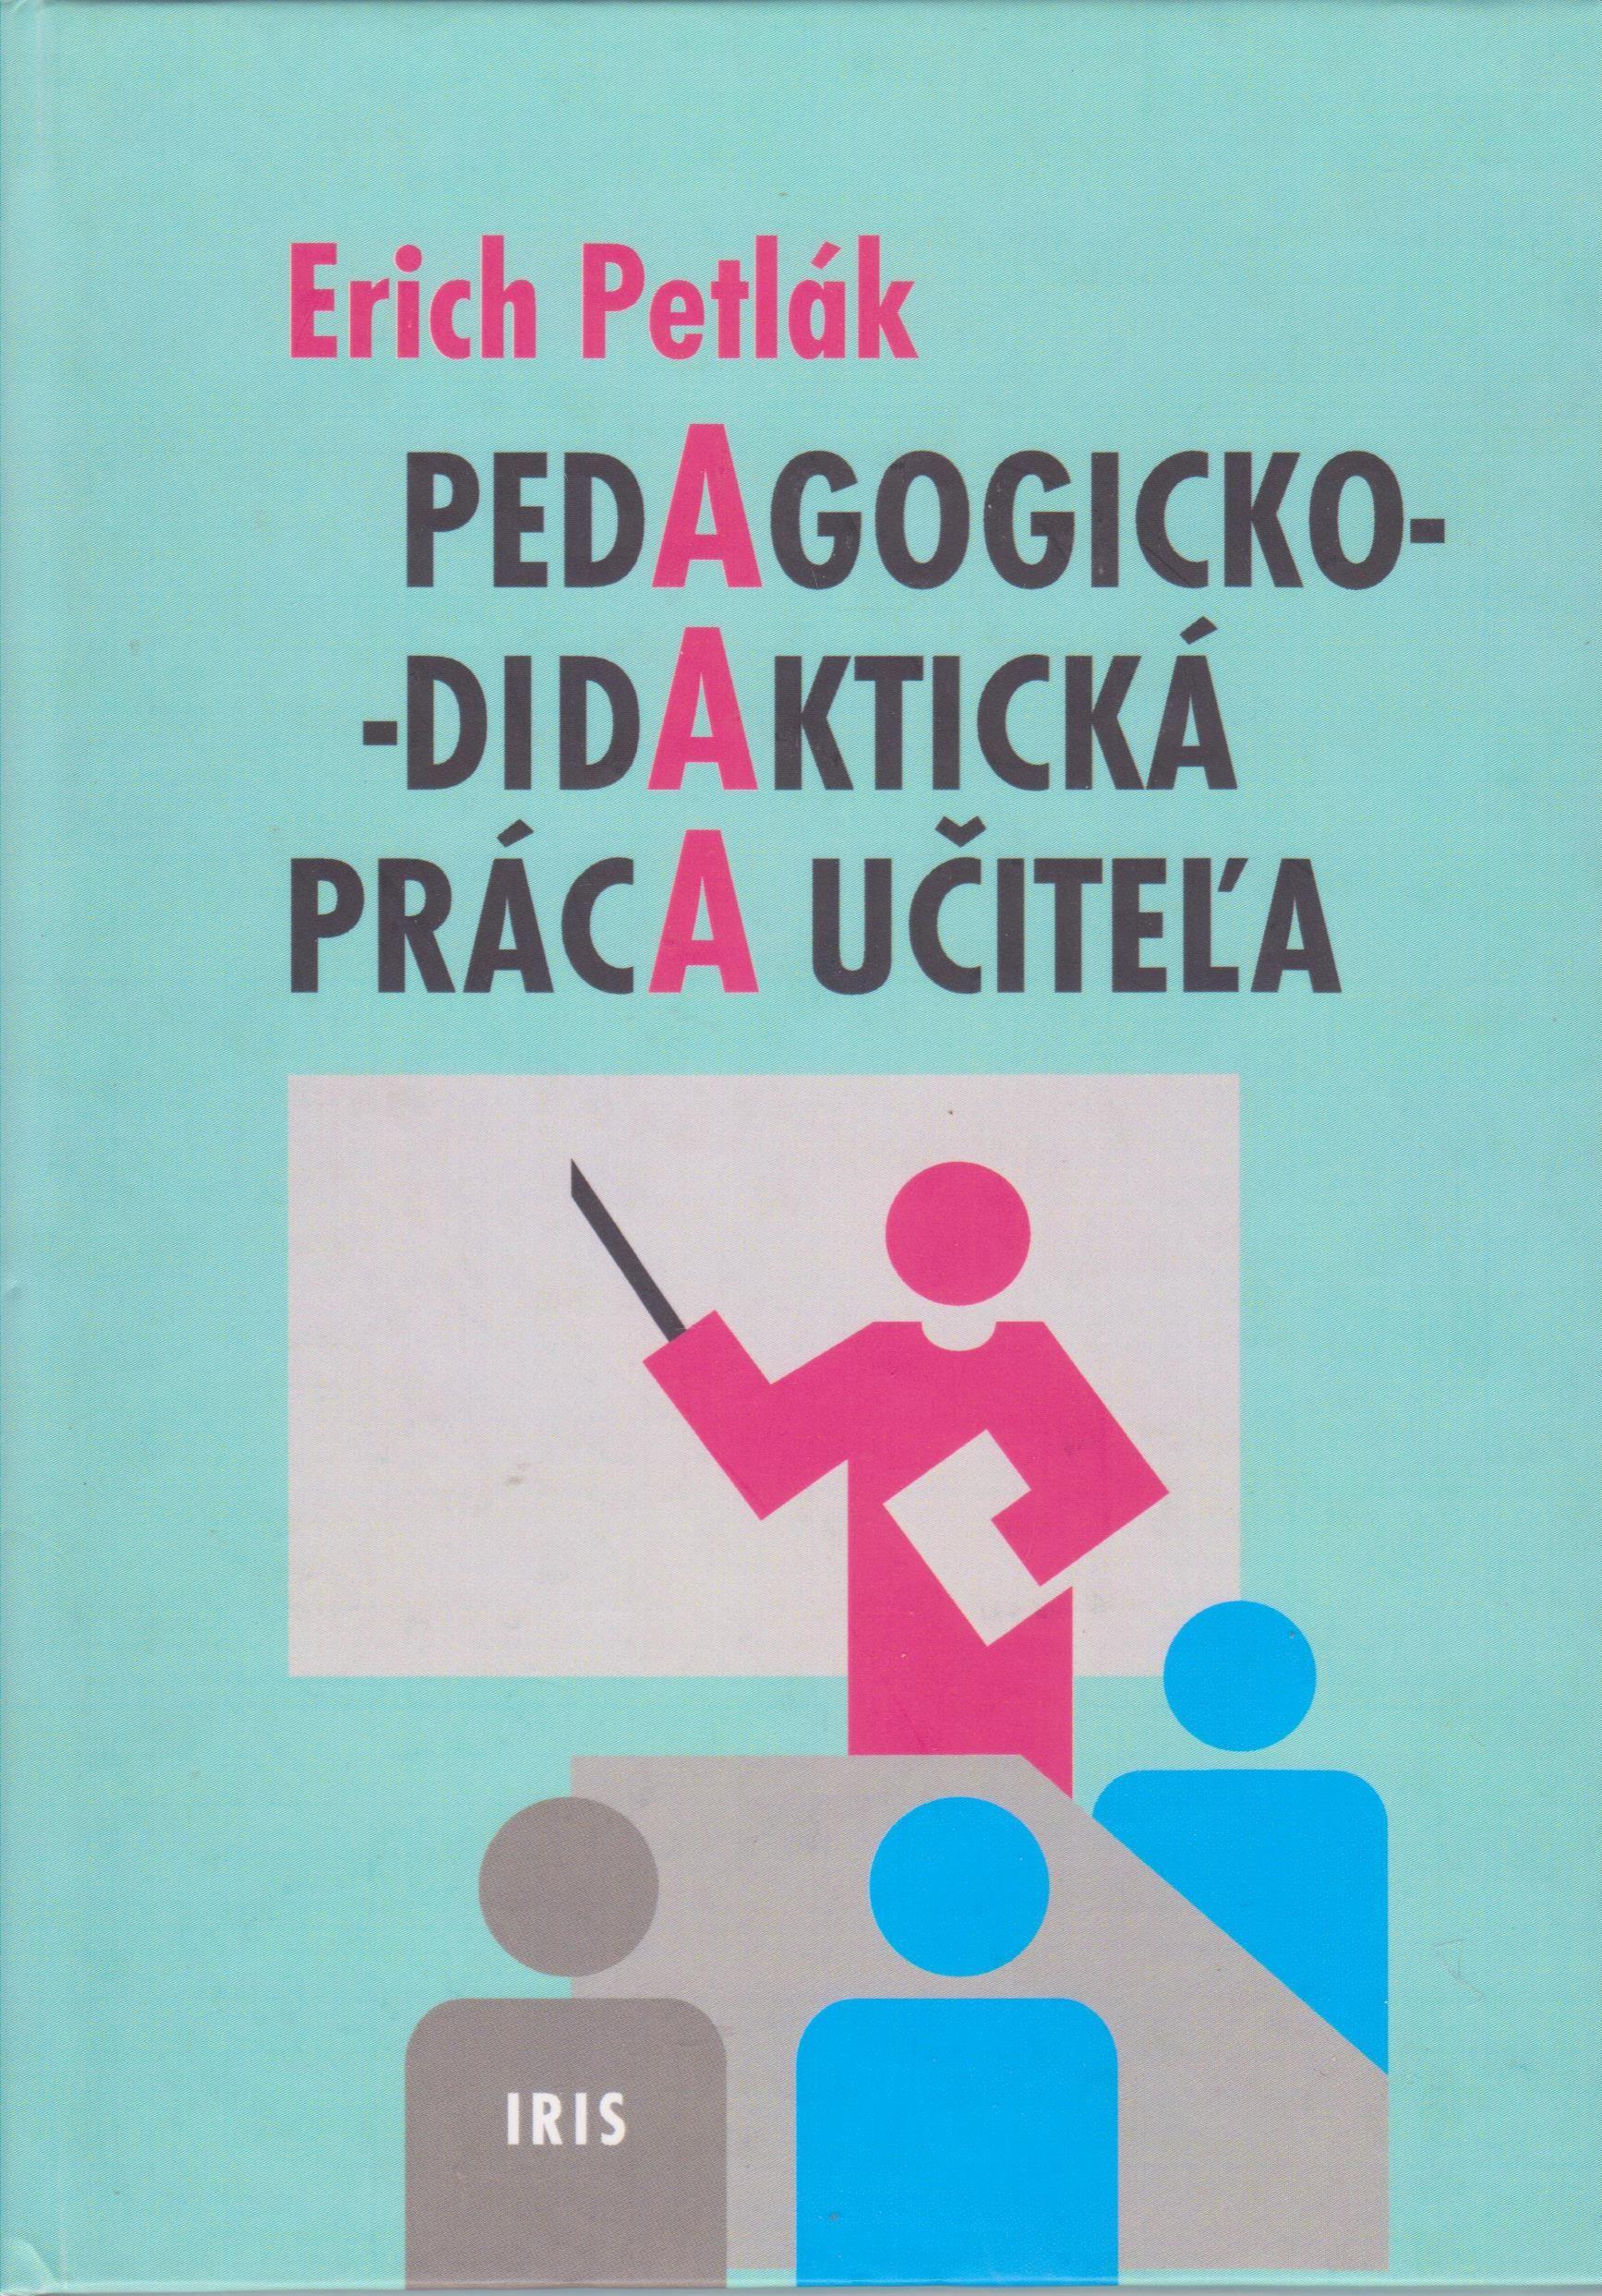 Pedagogicko-didaktická práca učiteľa - Erich Petlák (slovensky)